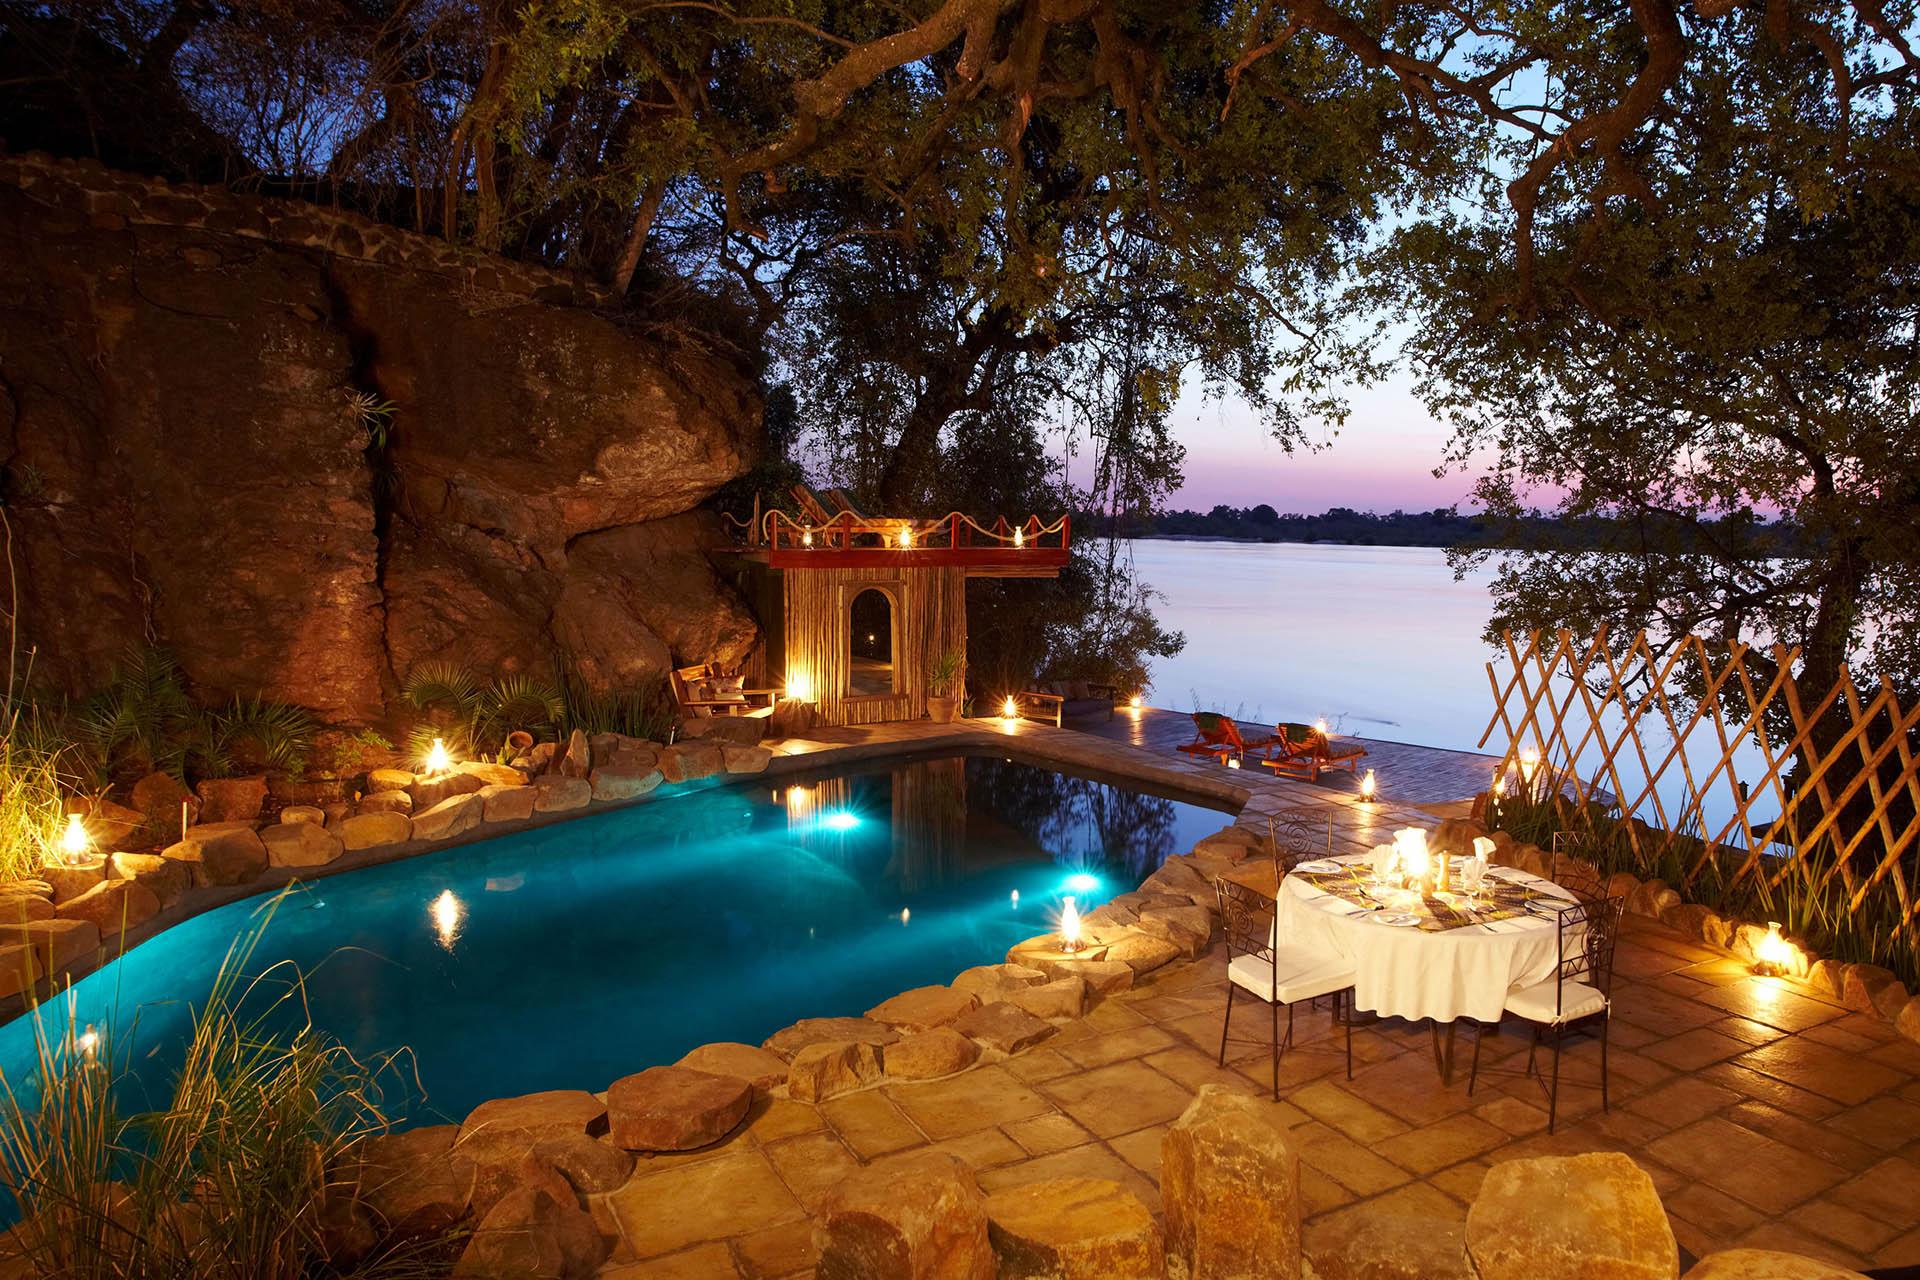 bush beach safaris zambian-explorer-livingstone-lower-zambezi-south-luangwa-8-nights-malawian-style-malawi-adventures-experiences-specialist-tour-operator-tongabezi